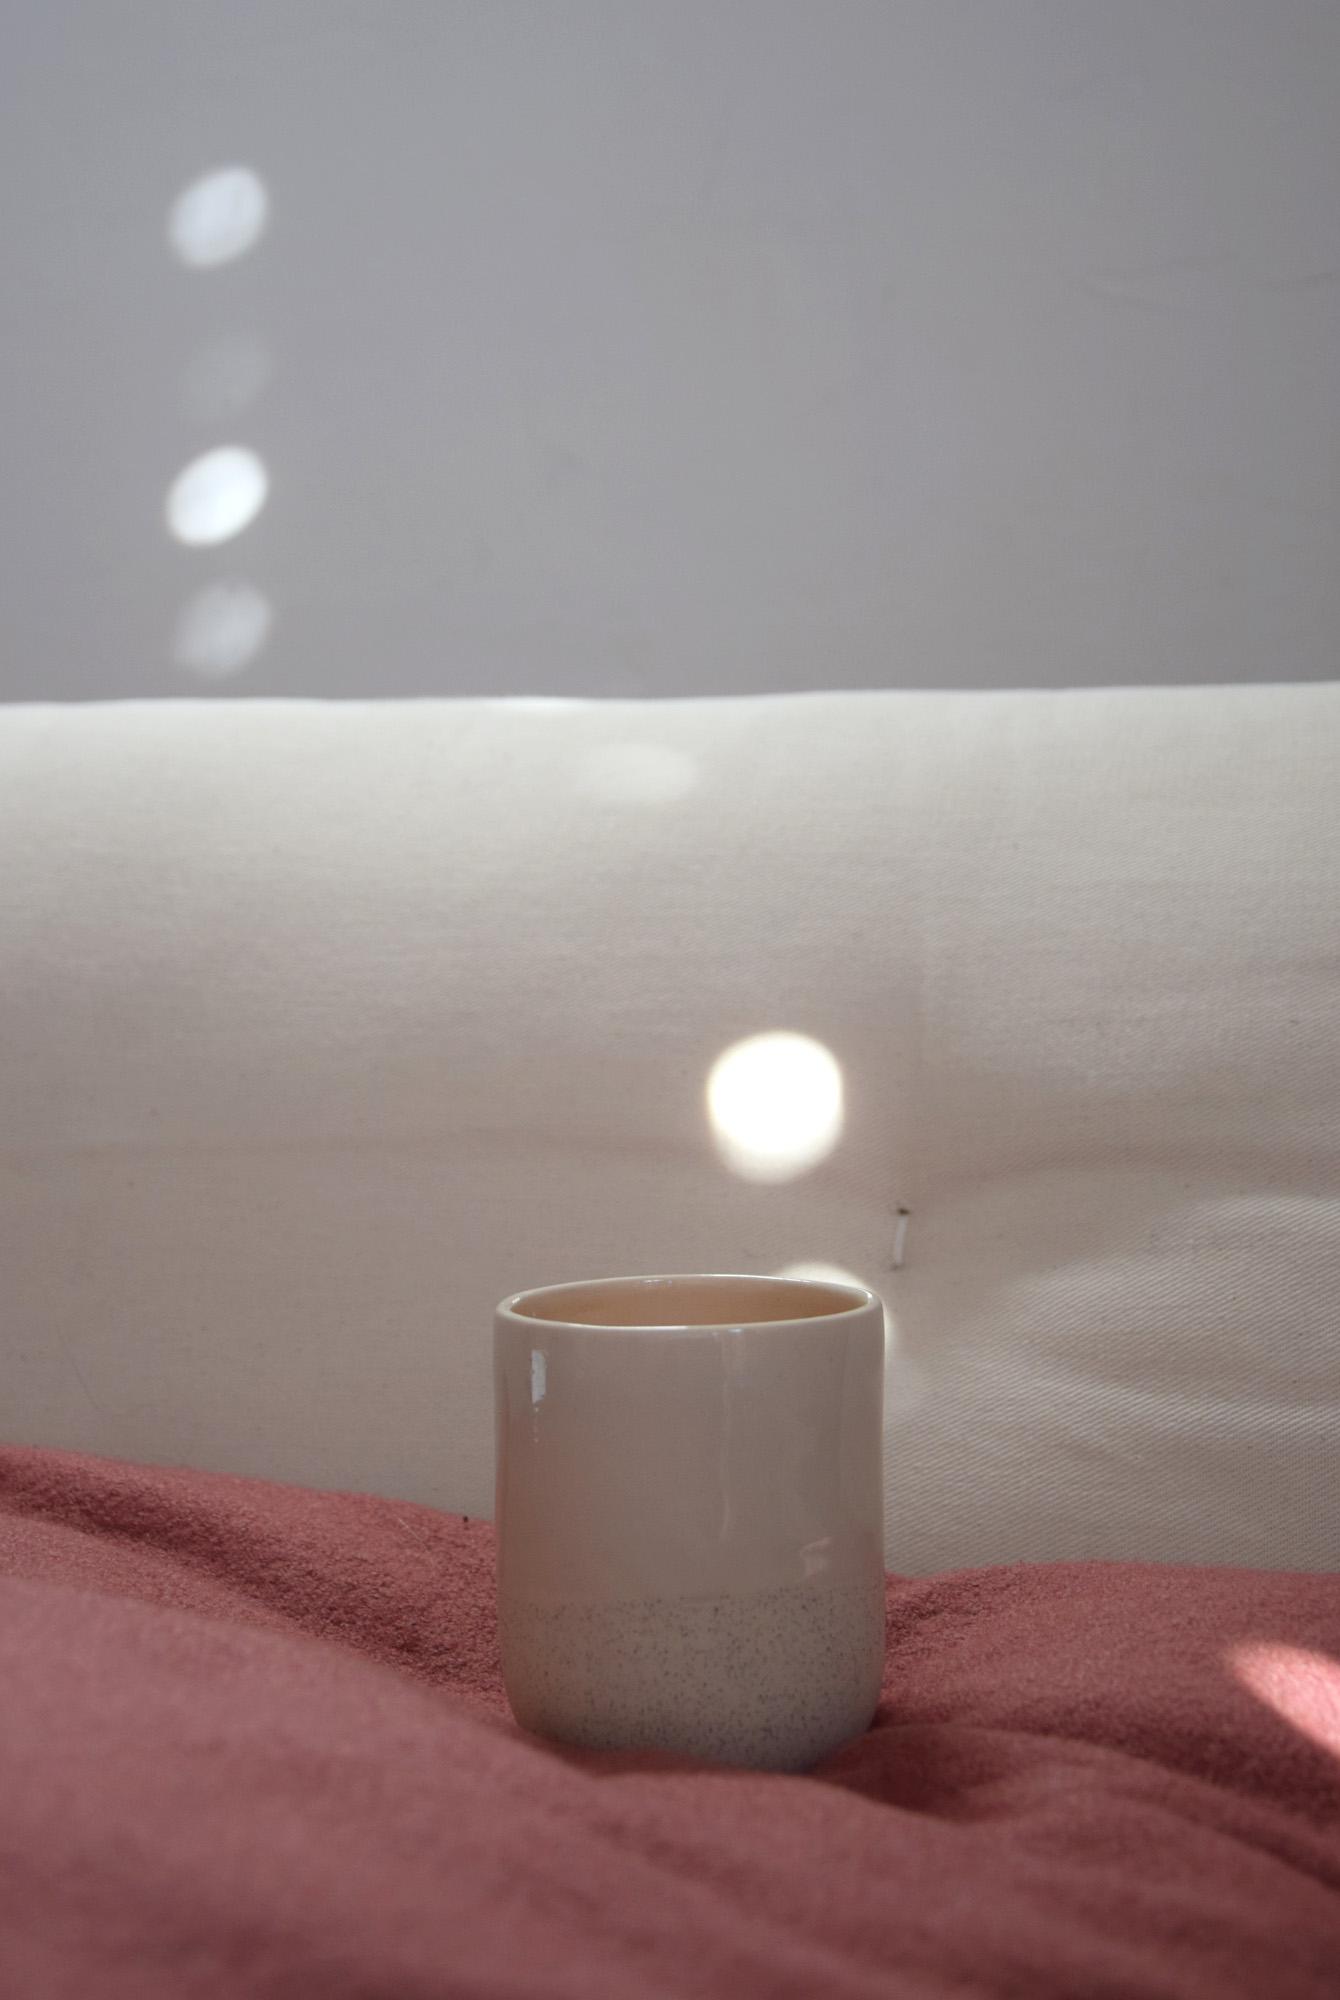 speckledcup2.jpg